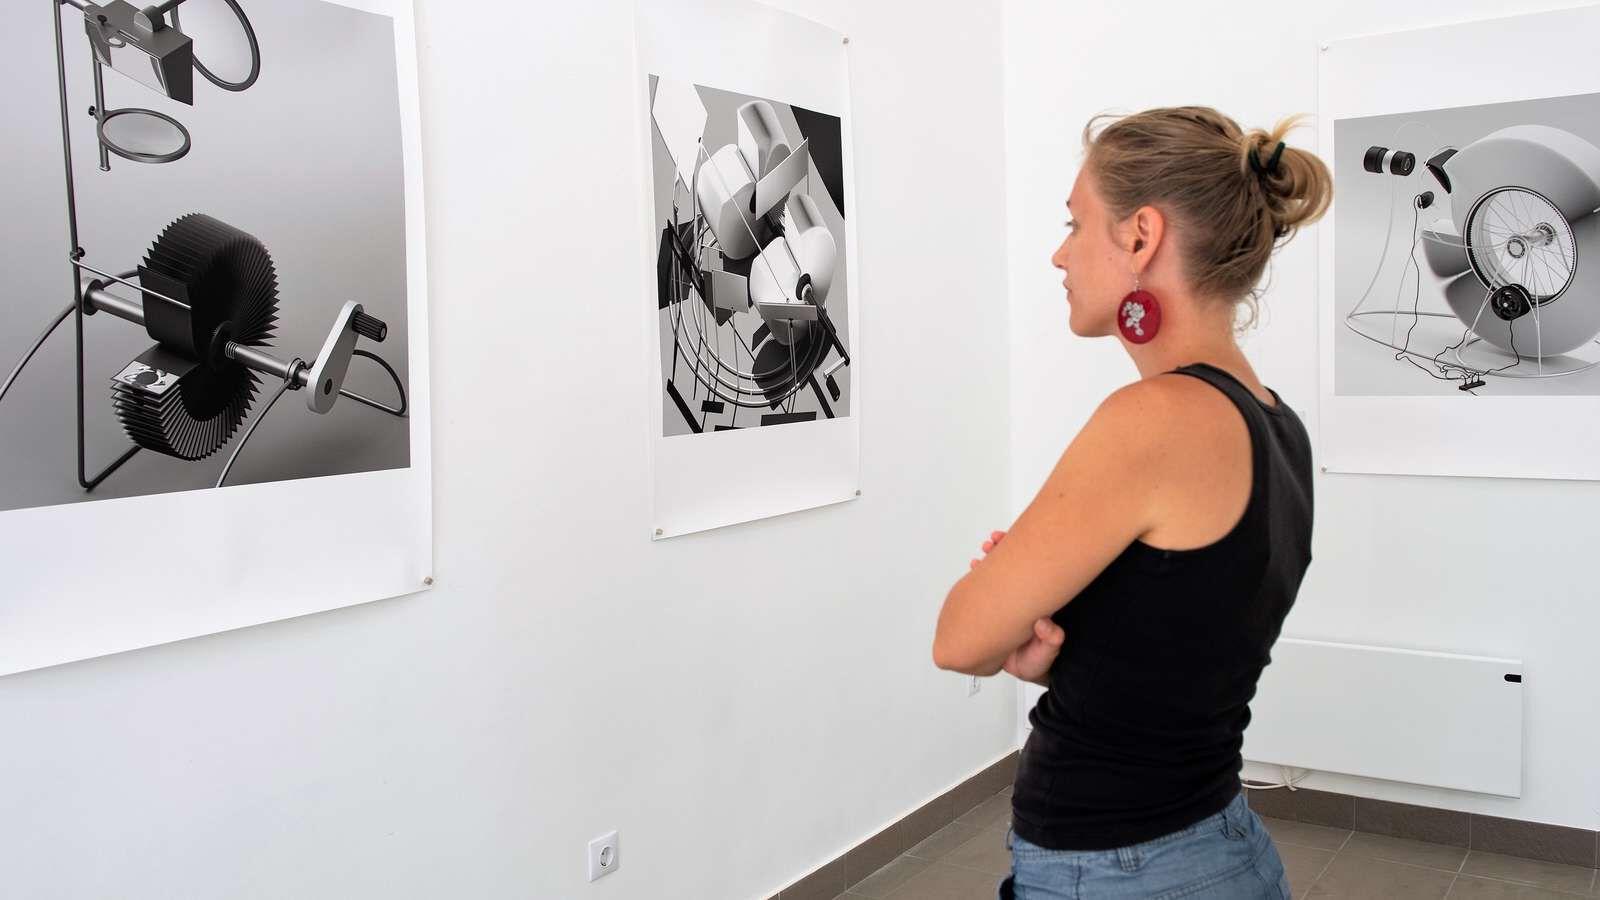 Waliczky Tamás képzelt kamerák kiállítás velencei biennálé 2019